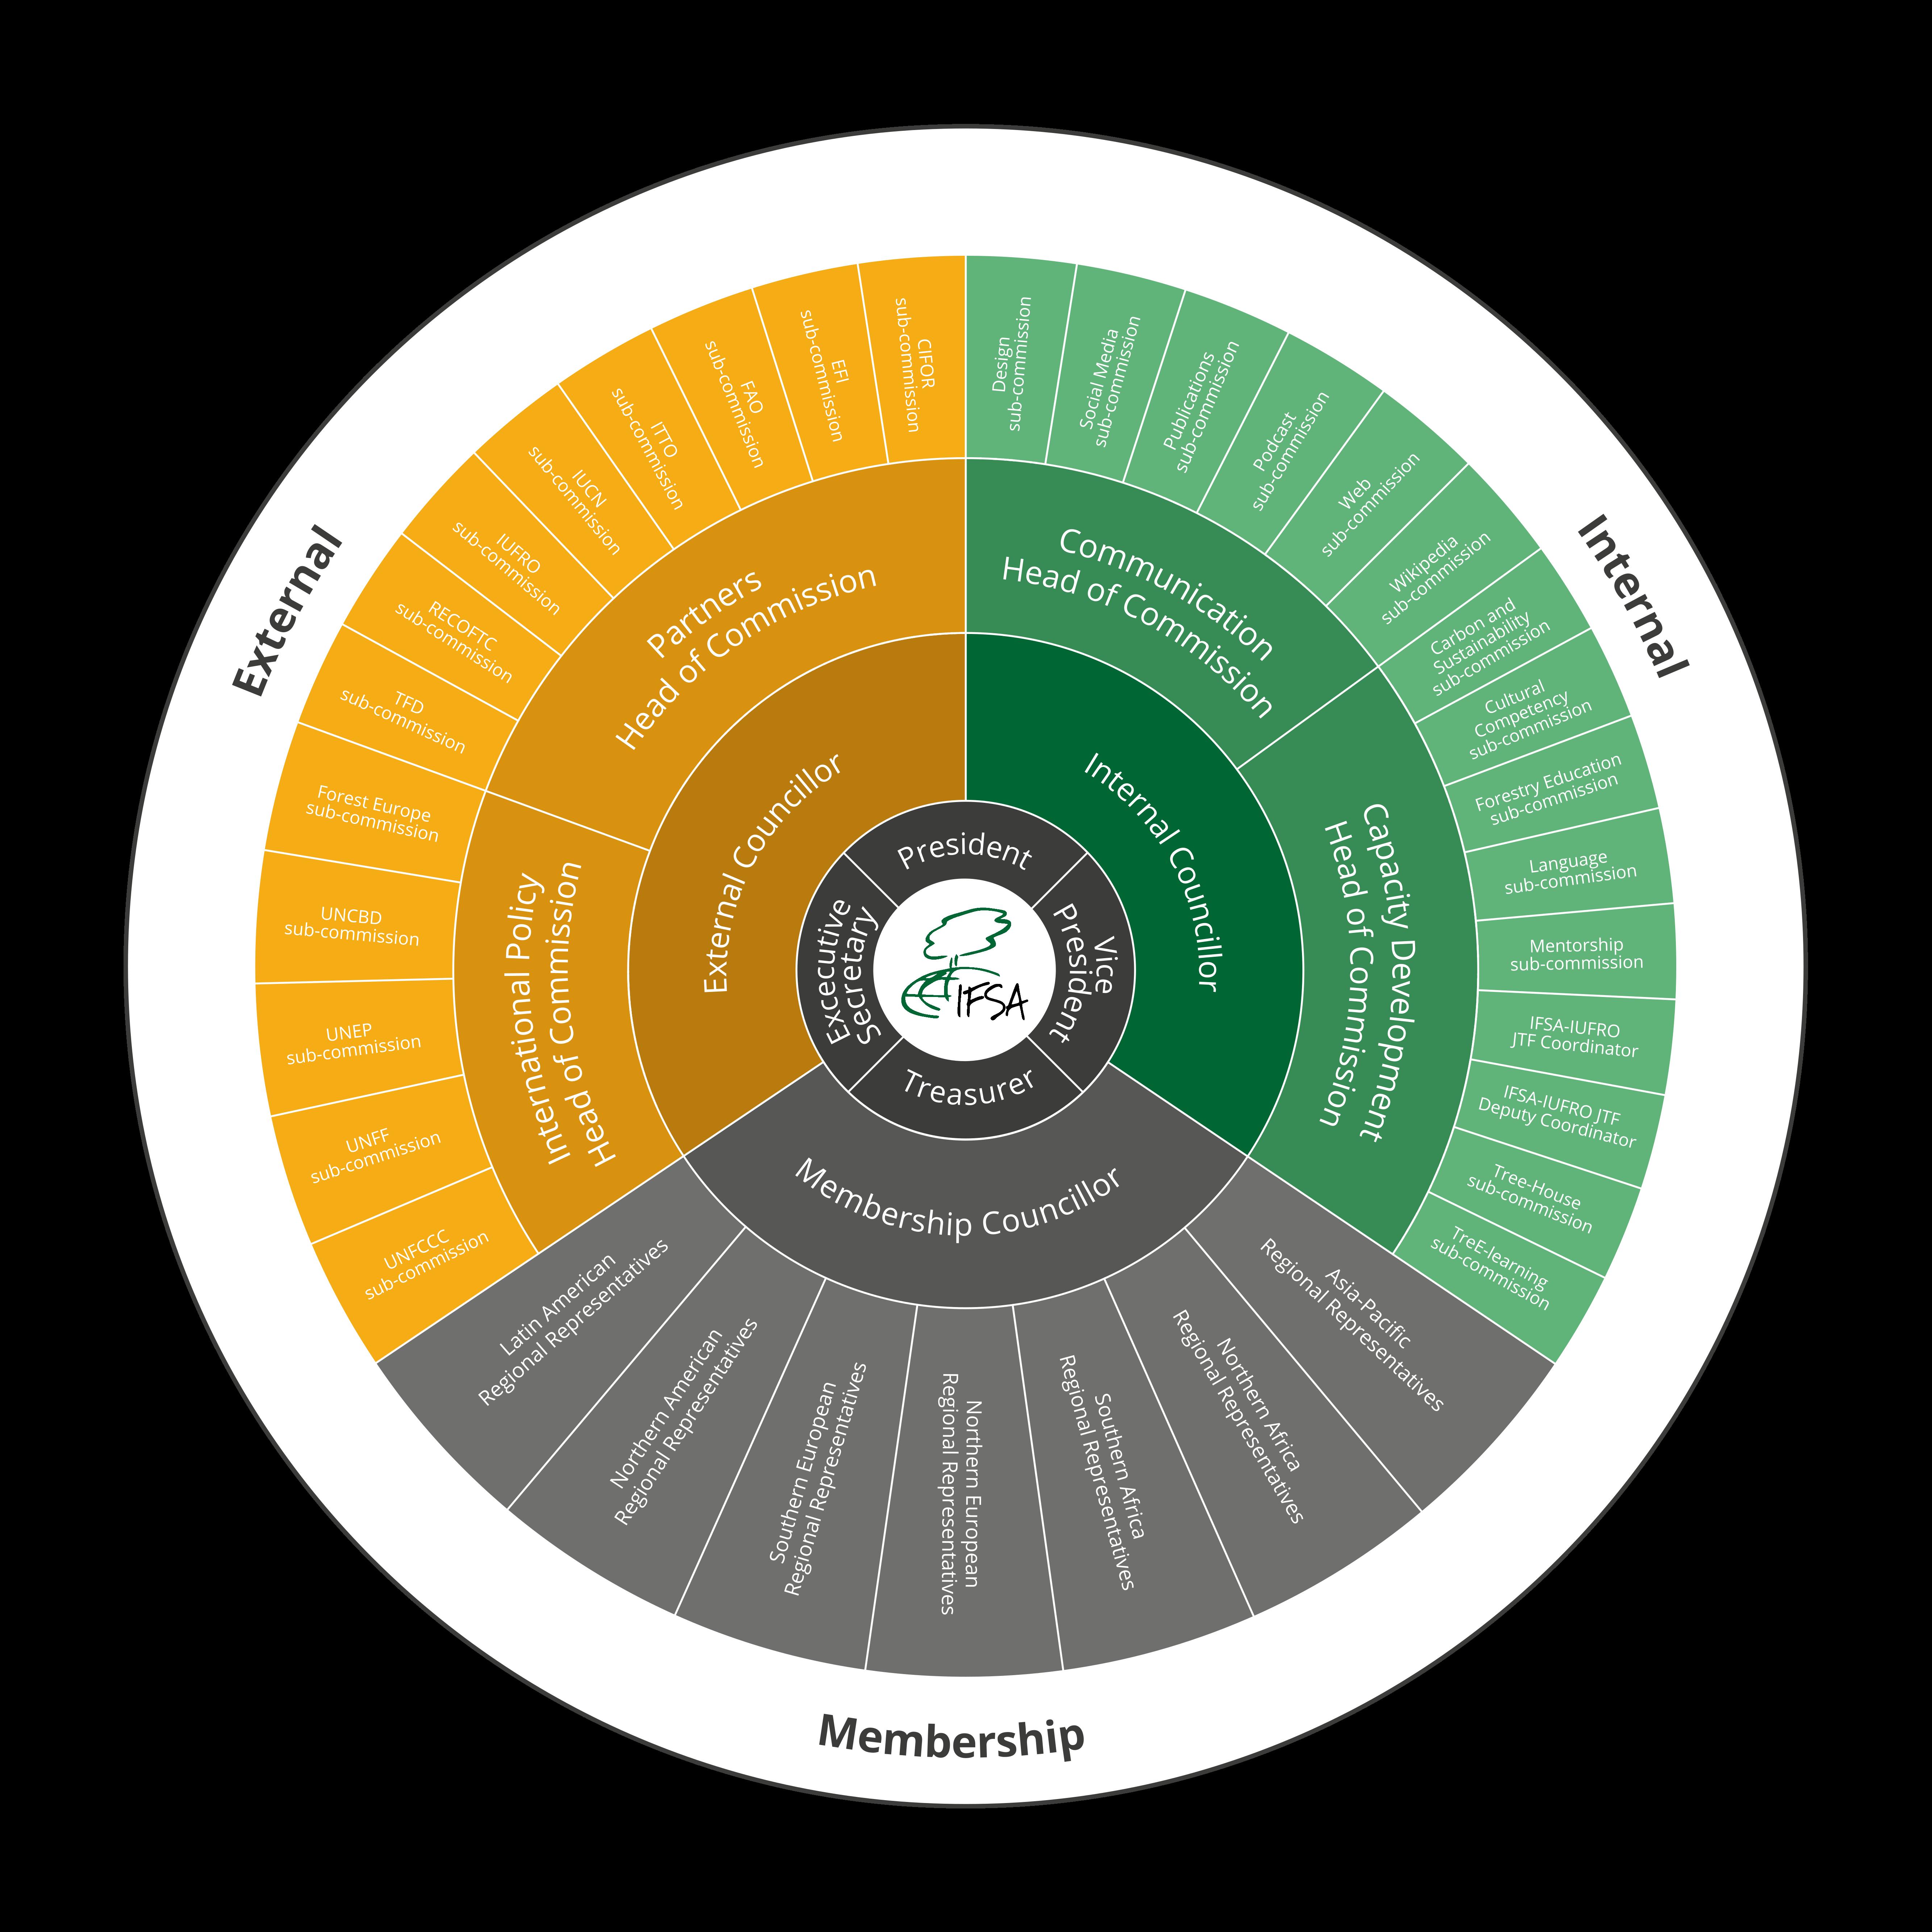 IFSA Wheel 2020/21